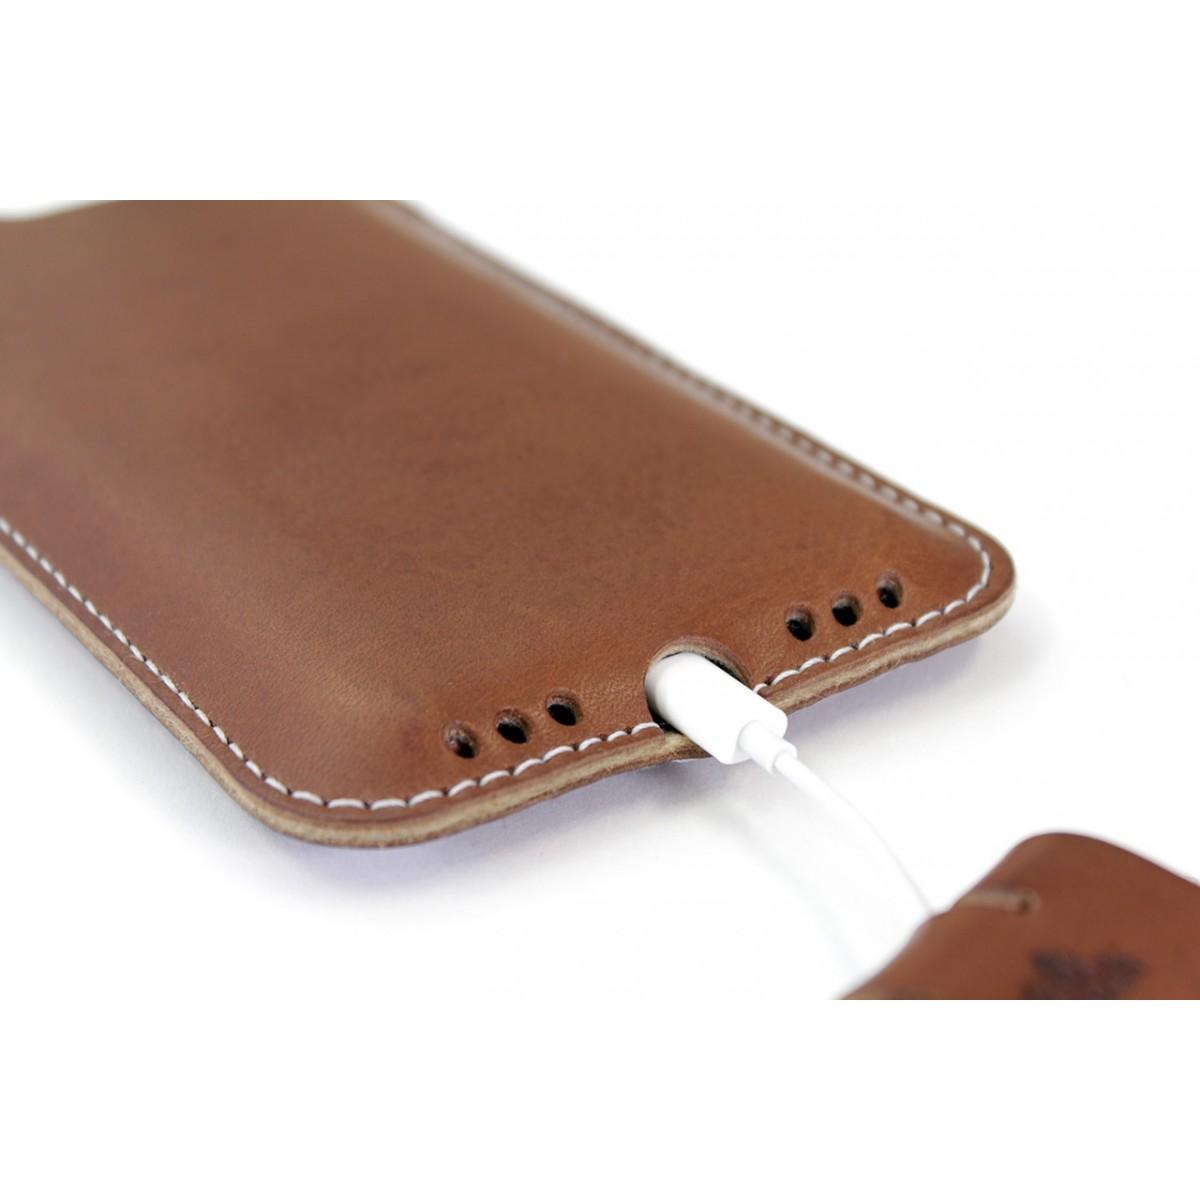 Pack & Smooch Kingston - iPhone 11 / XR Hülle aus pflanzlich gegerbtem Leder mit 100% Merino Wollfilz (Mulesing-frei) innen kaschiert. Schmale Version!